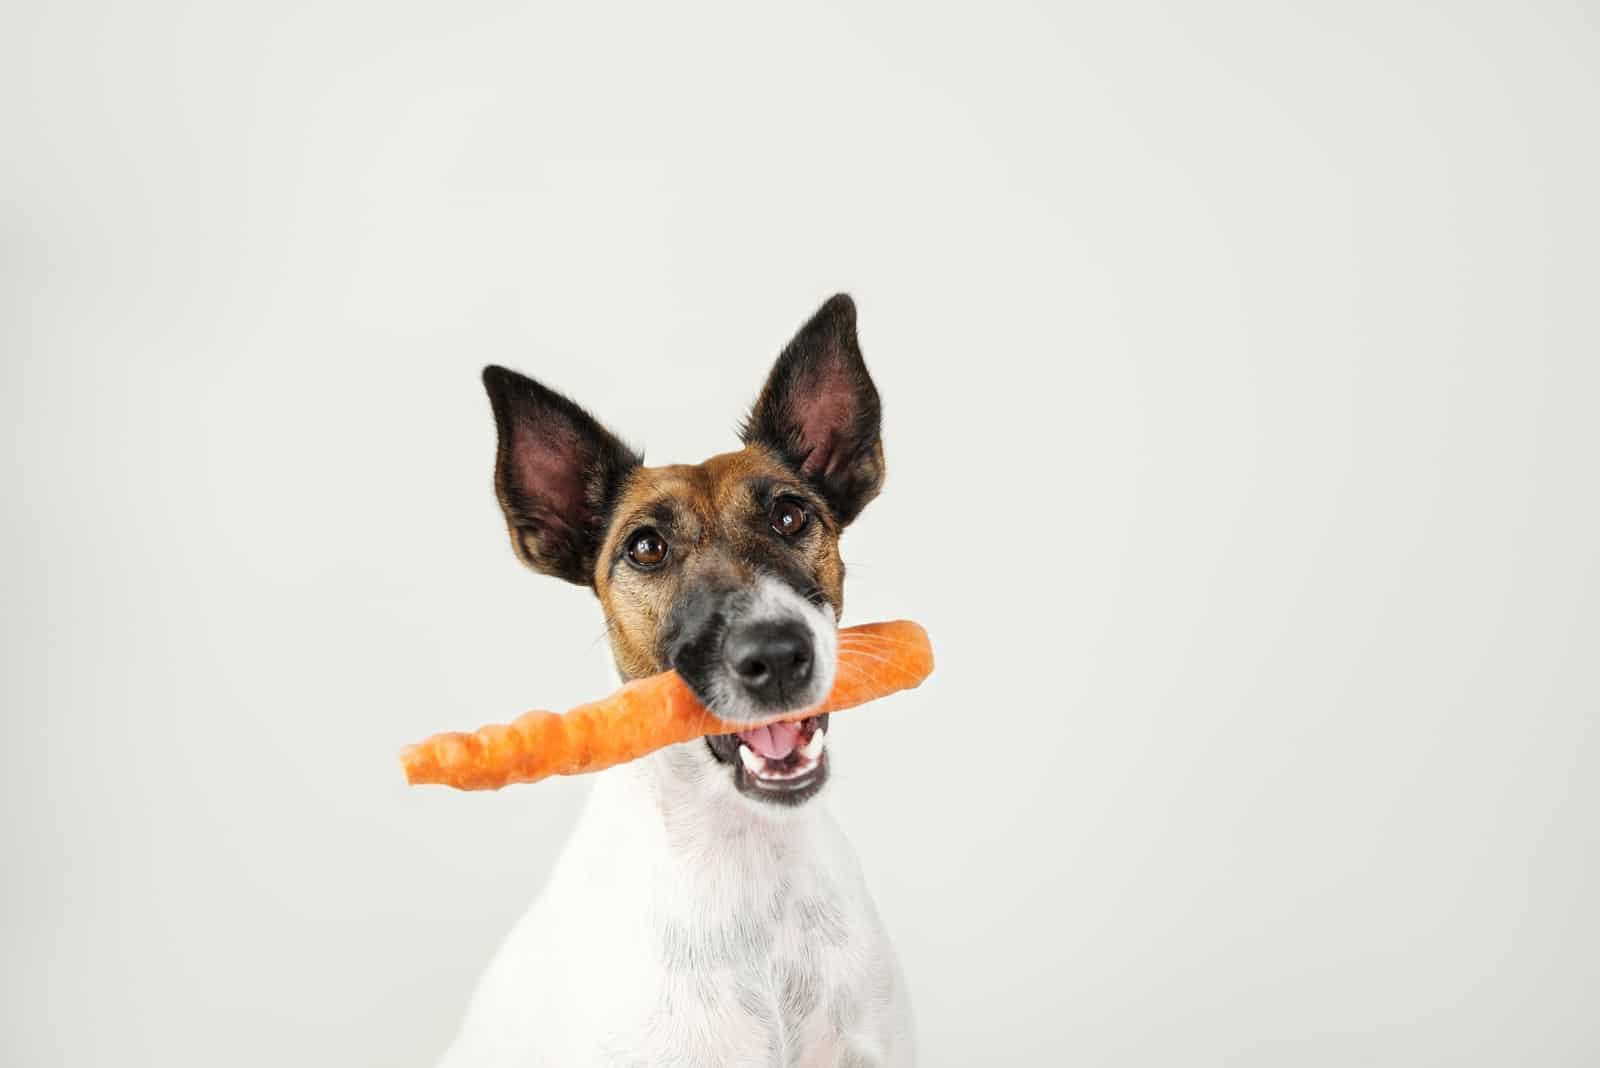 Junger Fuchsterrierhund mit einer Karotte im Mund.